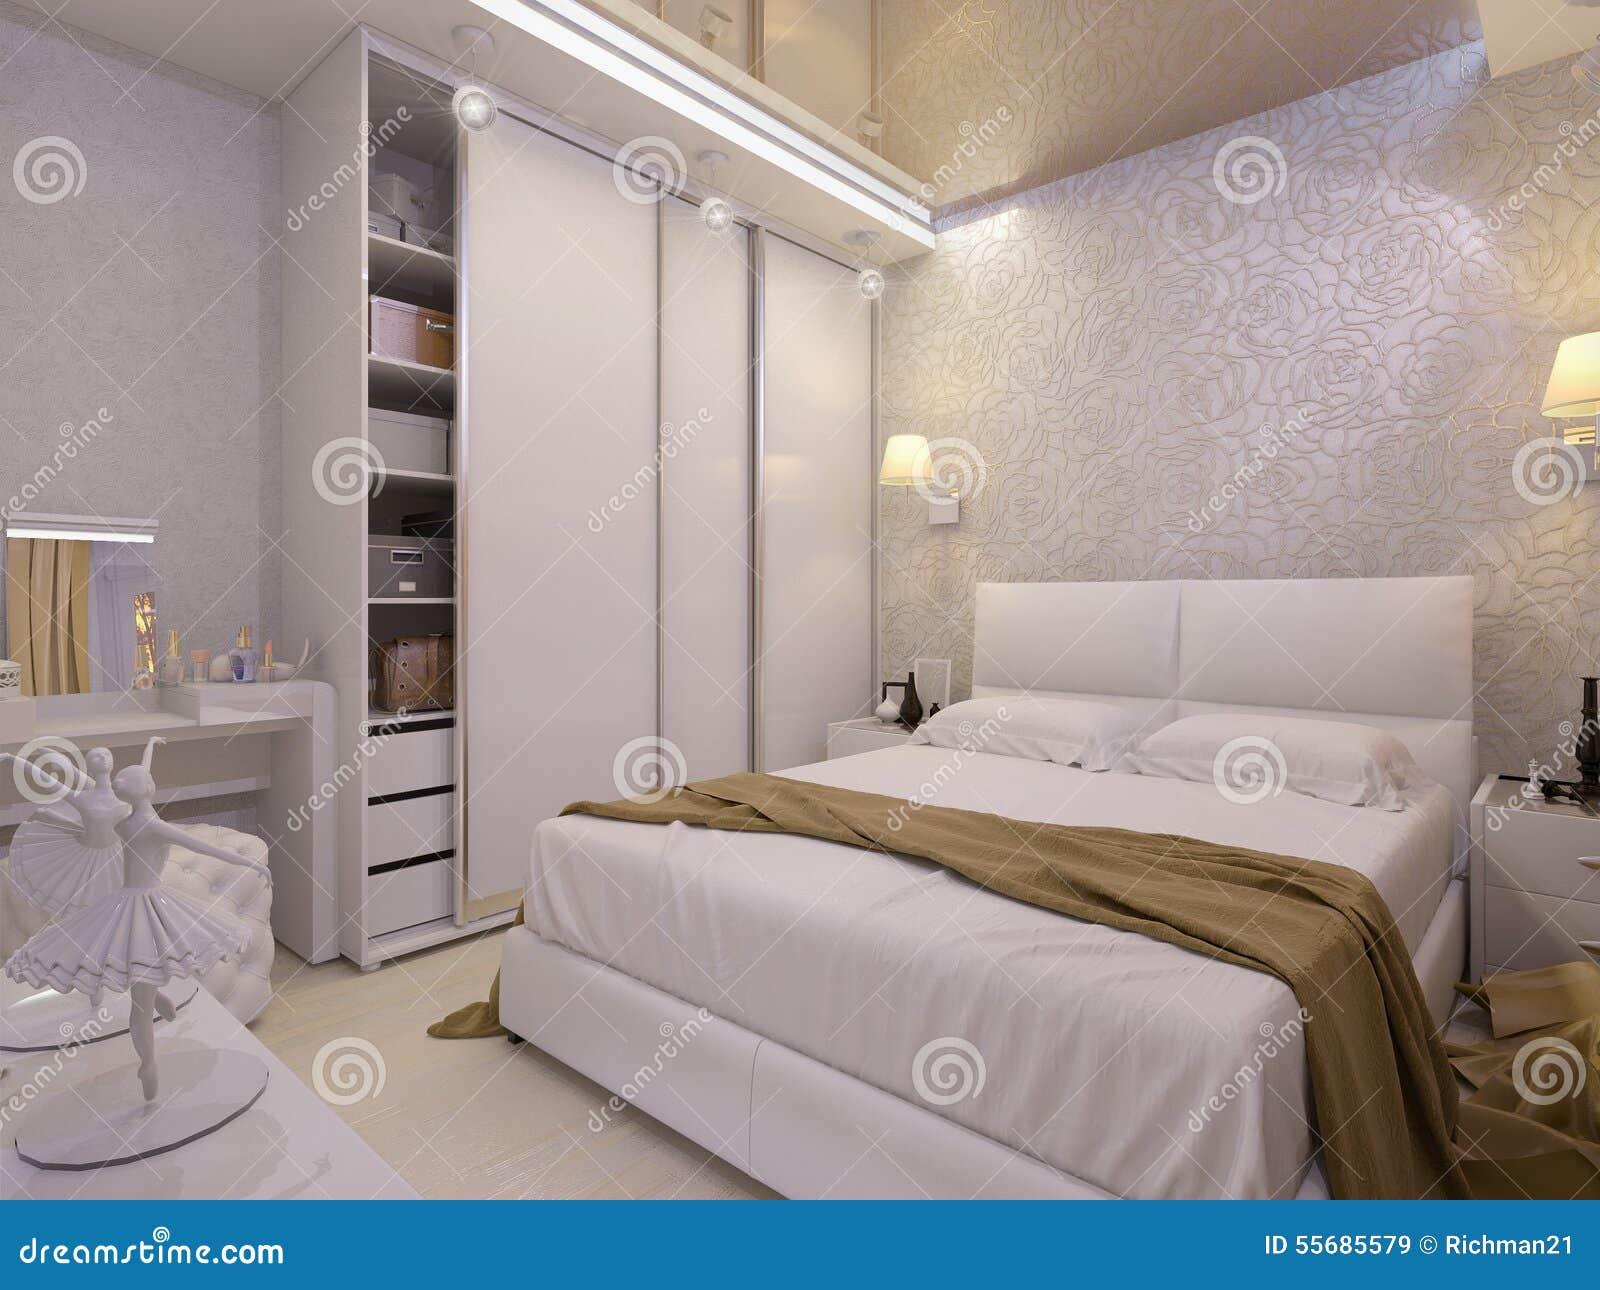 Salotto con camino angolare - Camera da letto bianca ...